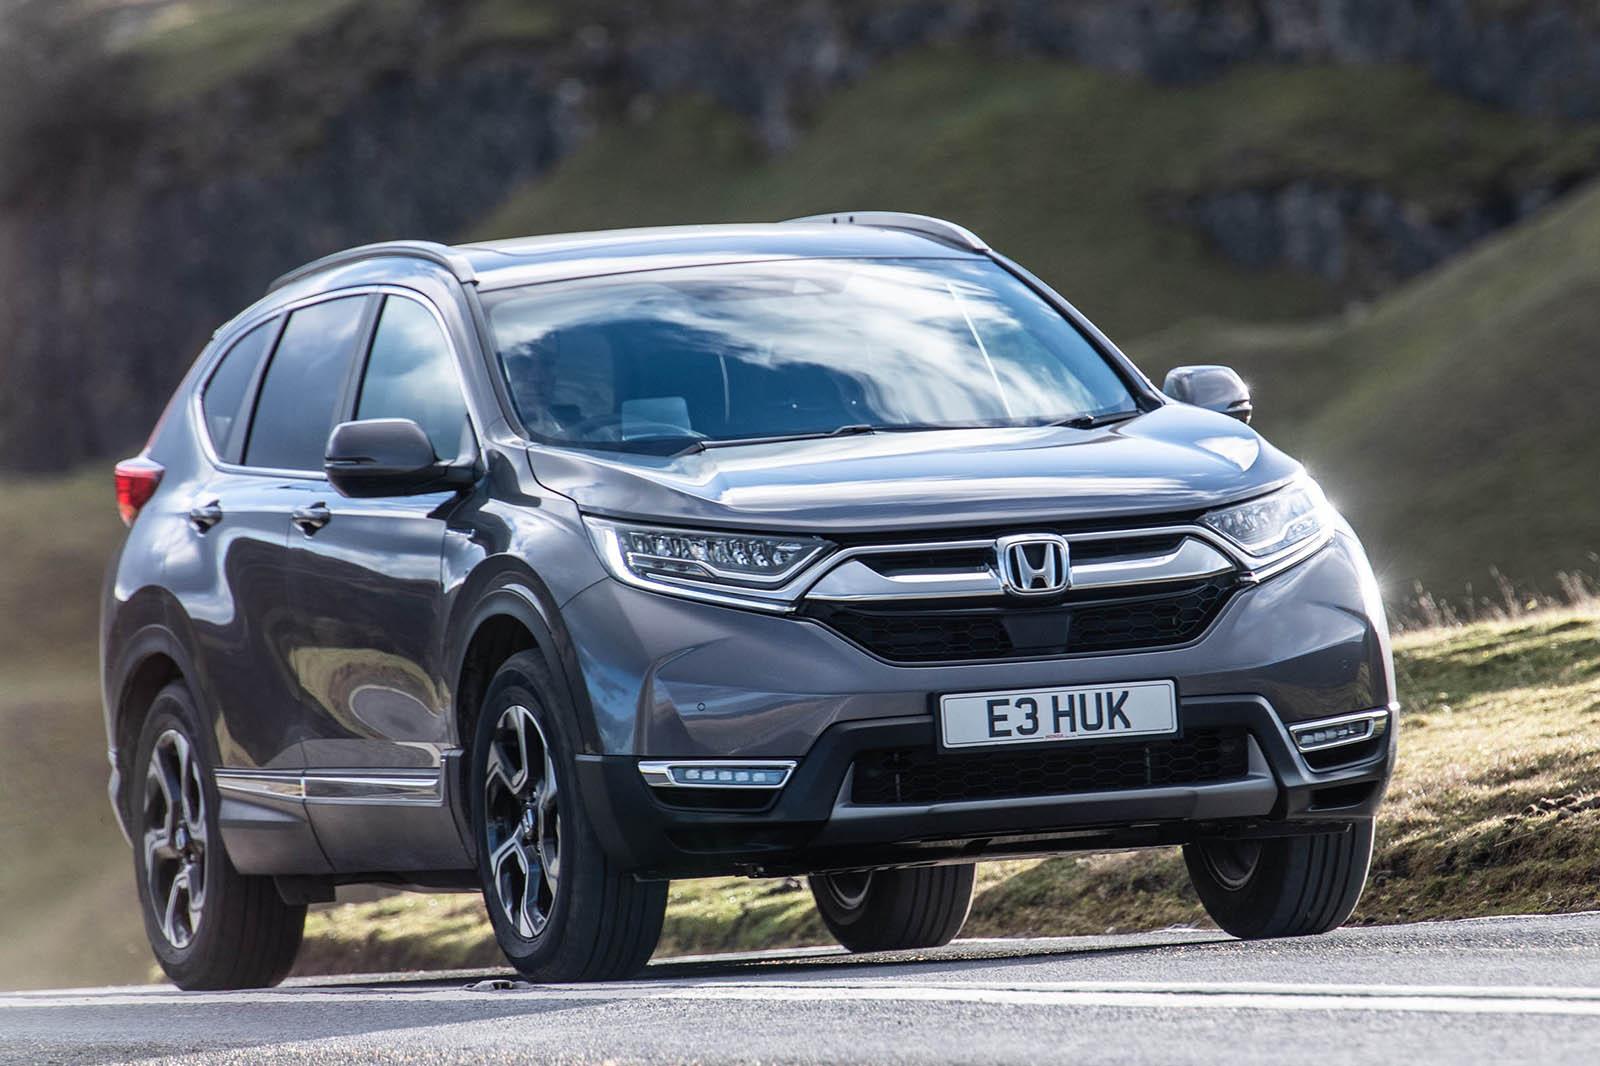 Kelebihan Kekurangan Honda Cr V Hybrid 2019 Review